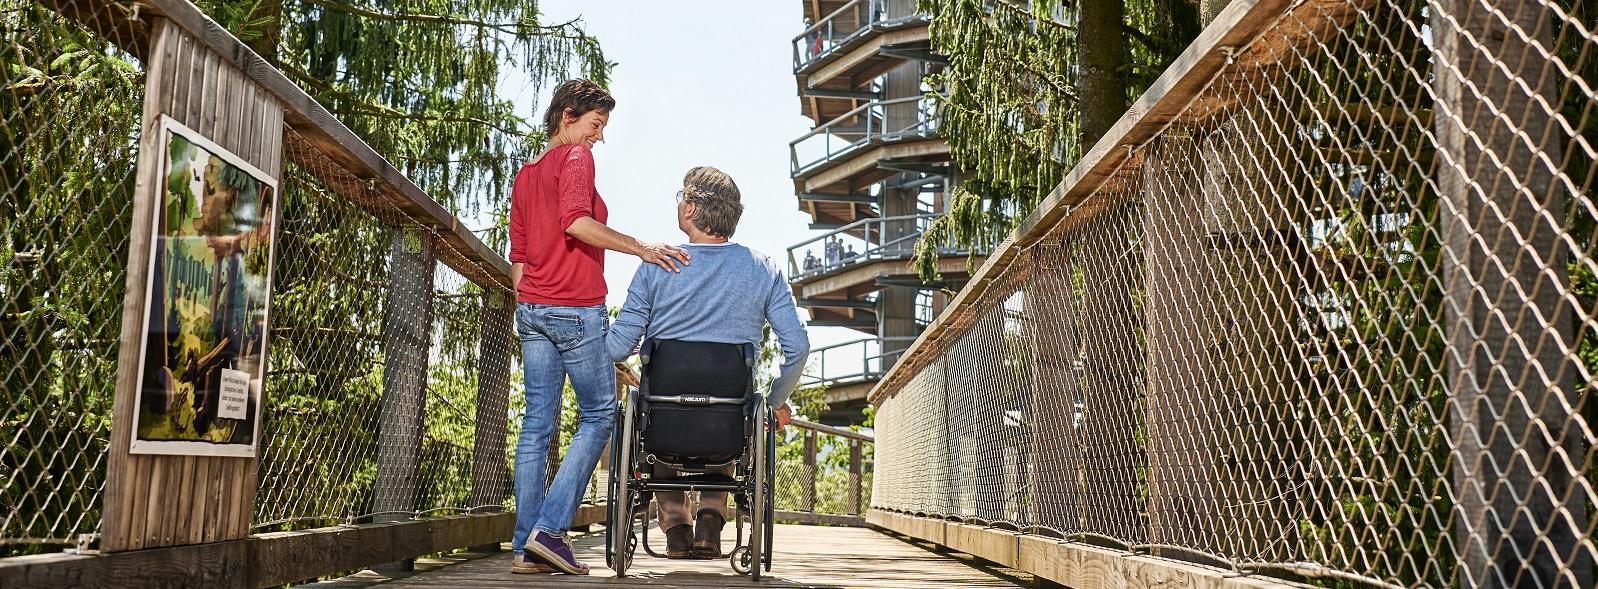 Baumwipfelpfad Saarschleife mit Rollstuhl